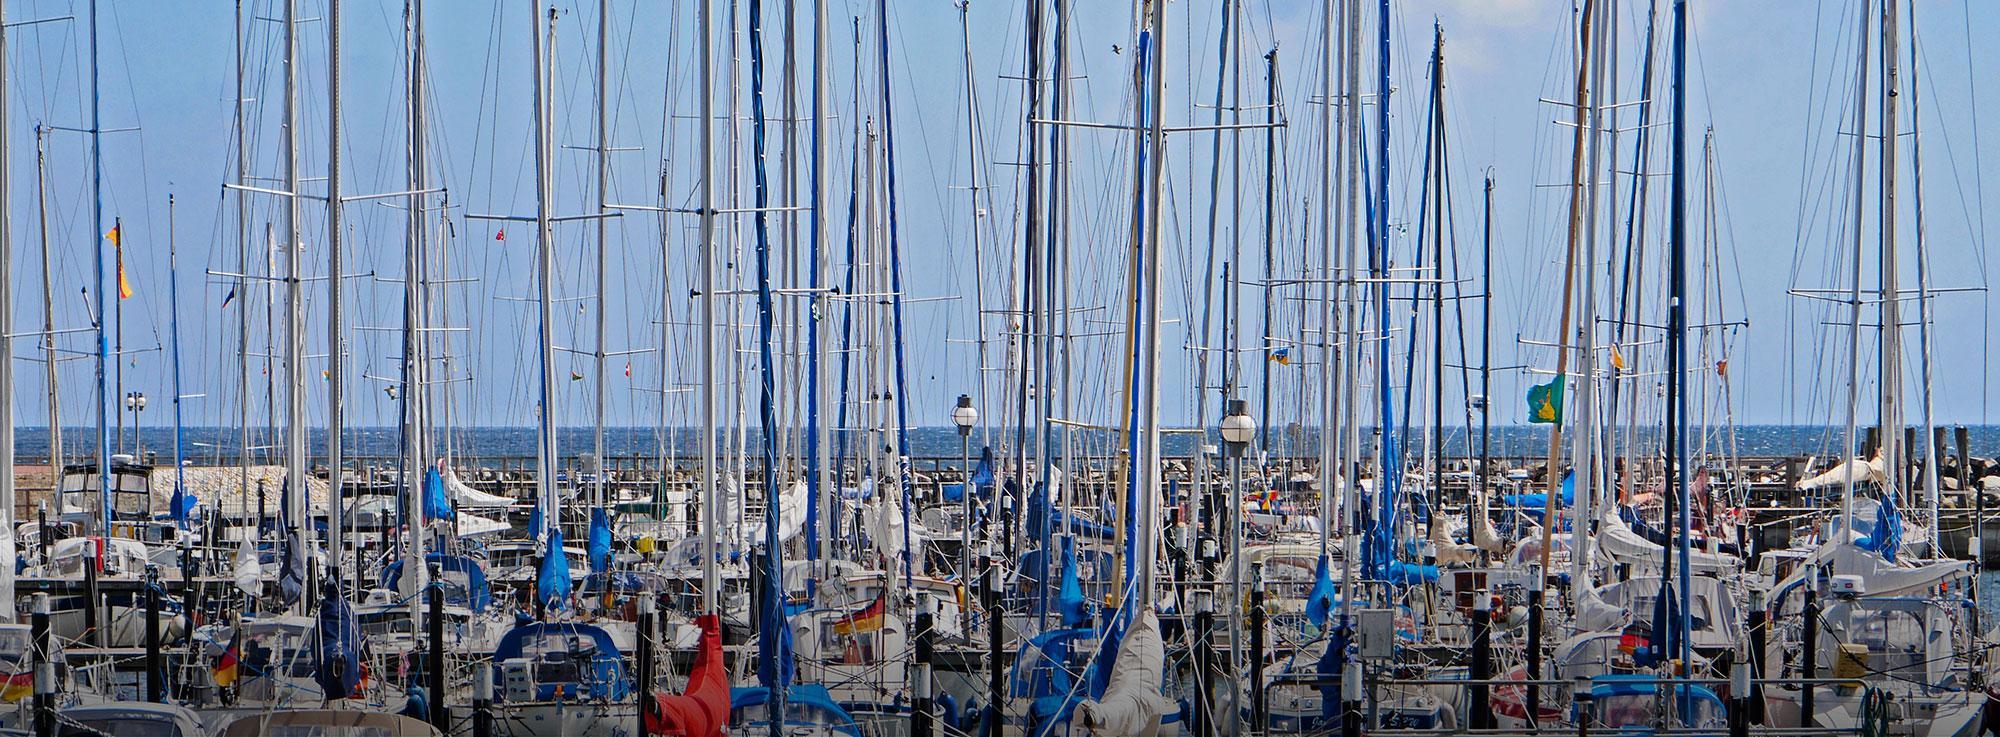 Brindisi: Salone Nautico di Puglia